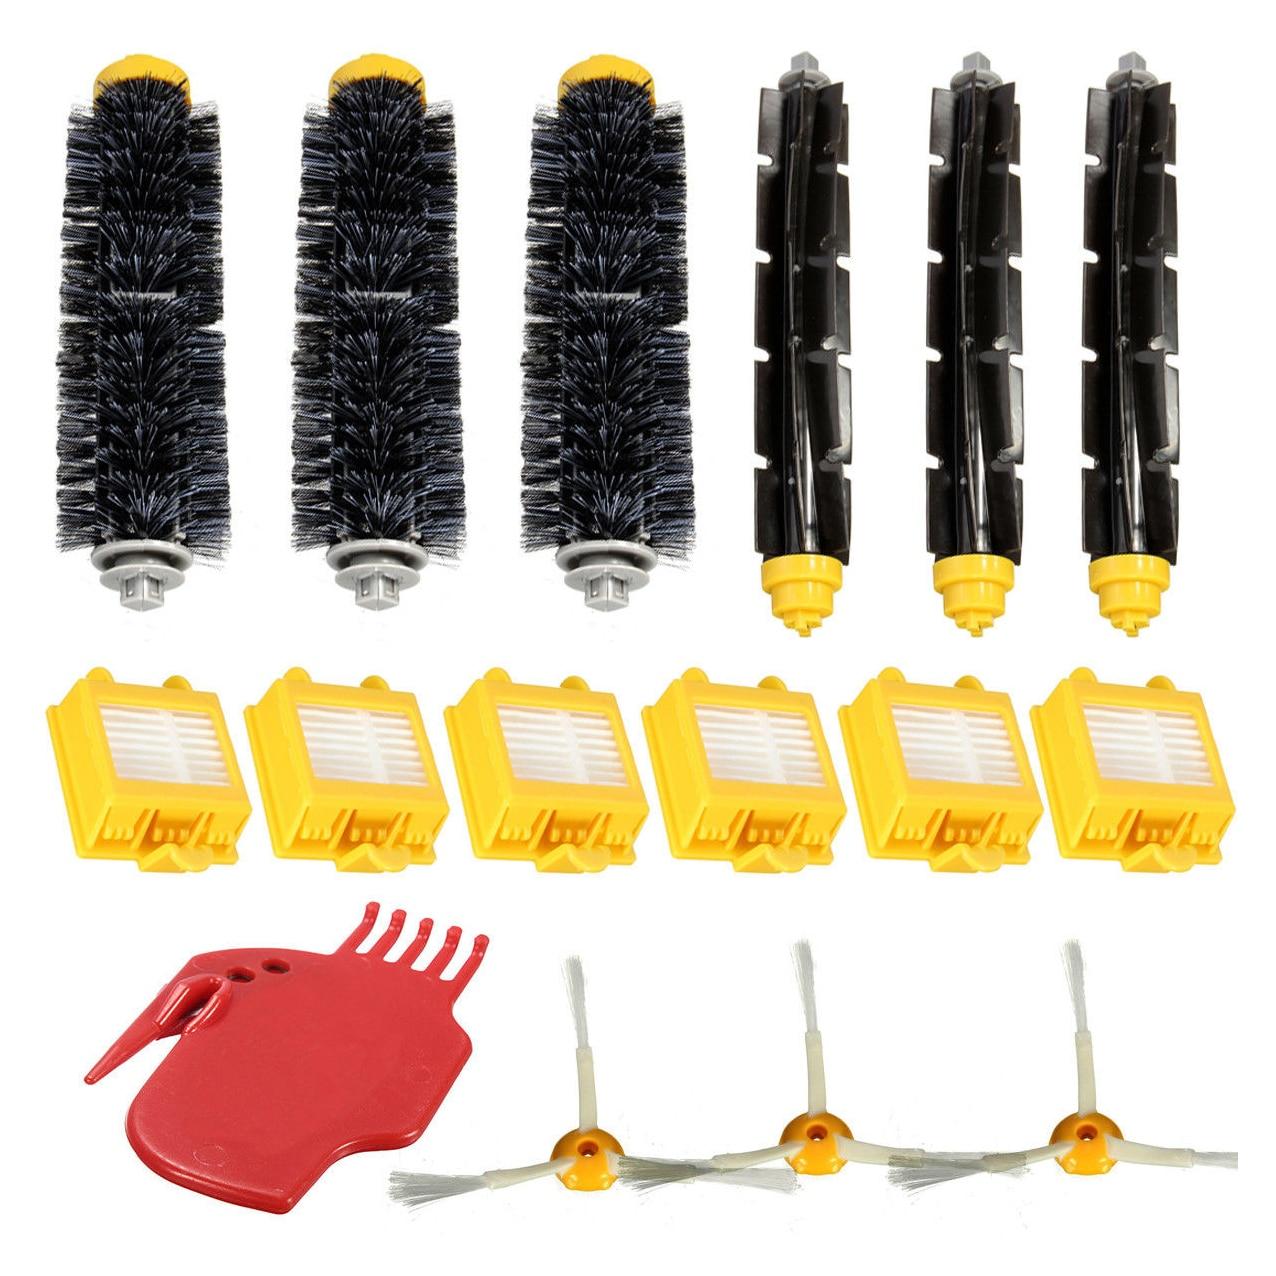 Filters Pack 3 Armed Side Brush Kit For iRobot Roomba Vacuum 700 760 770 780 bristle brush flexible beater brush fit for irobot roomba 500 600 700 series 550 650 660 760 770 780 790 vacuum cleaner parts